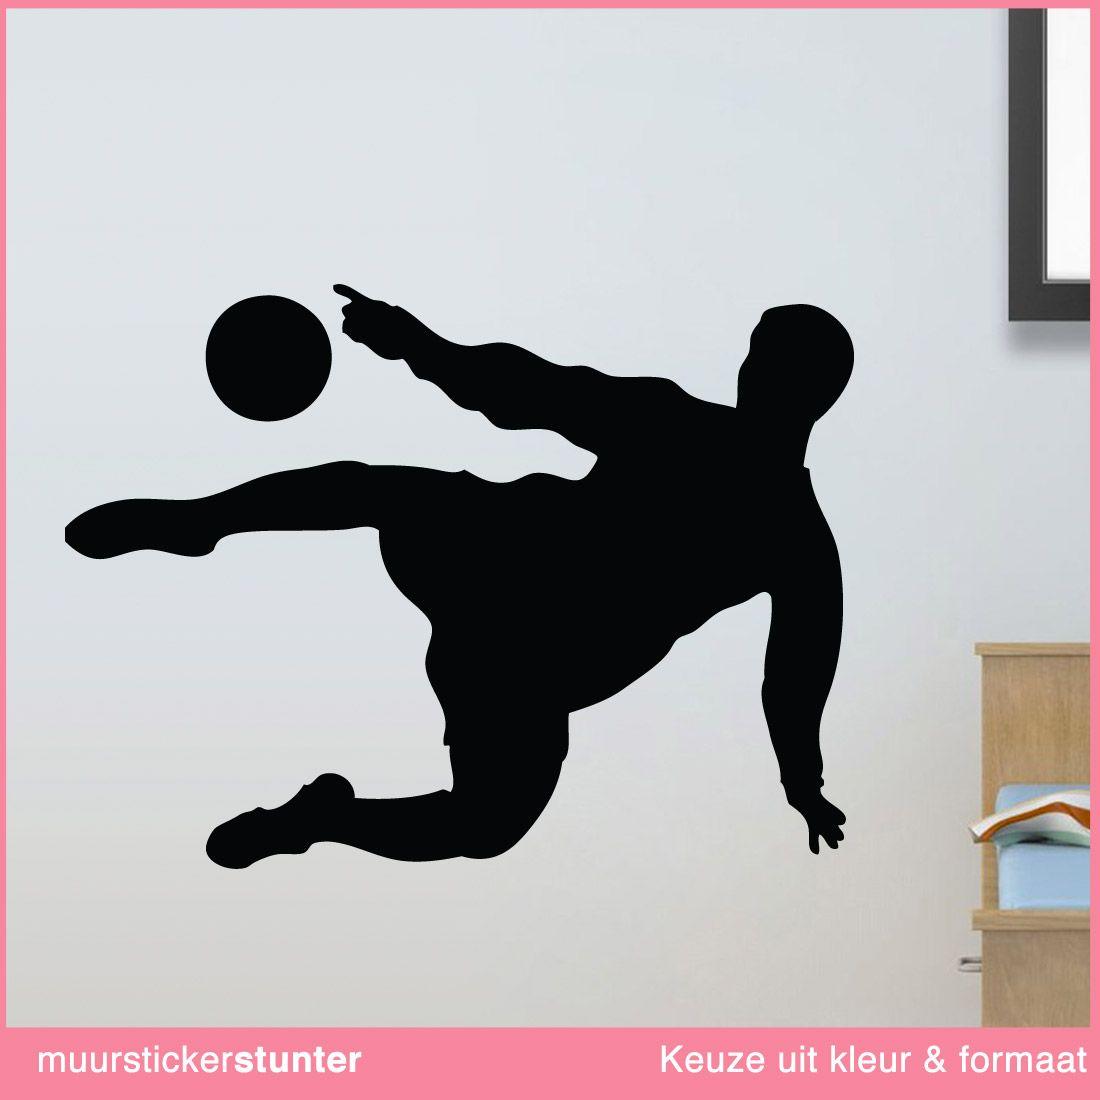 Muursticker voetballer omhaal | Pinterest - Kinderkamer, Kleur en ...